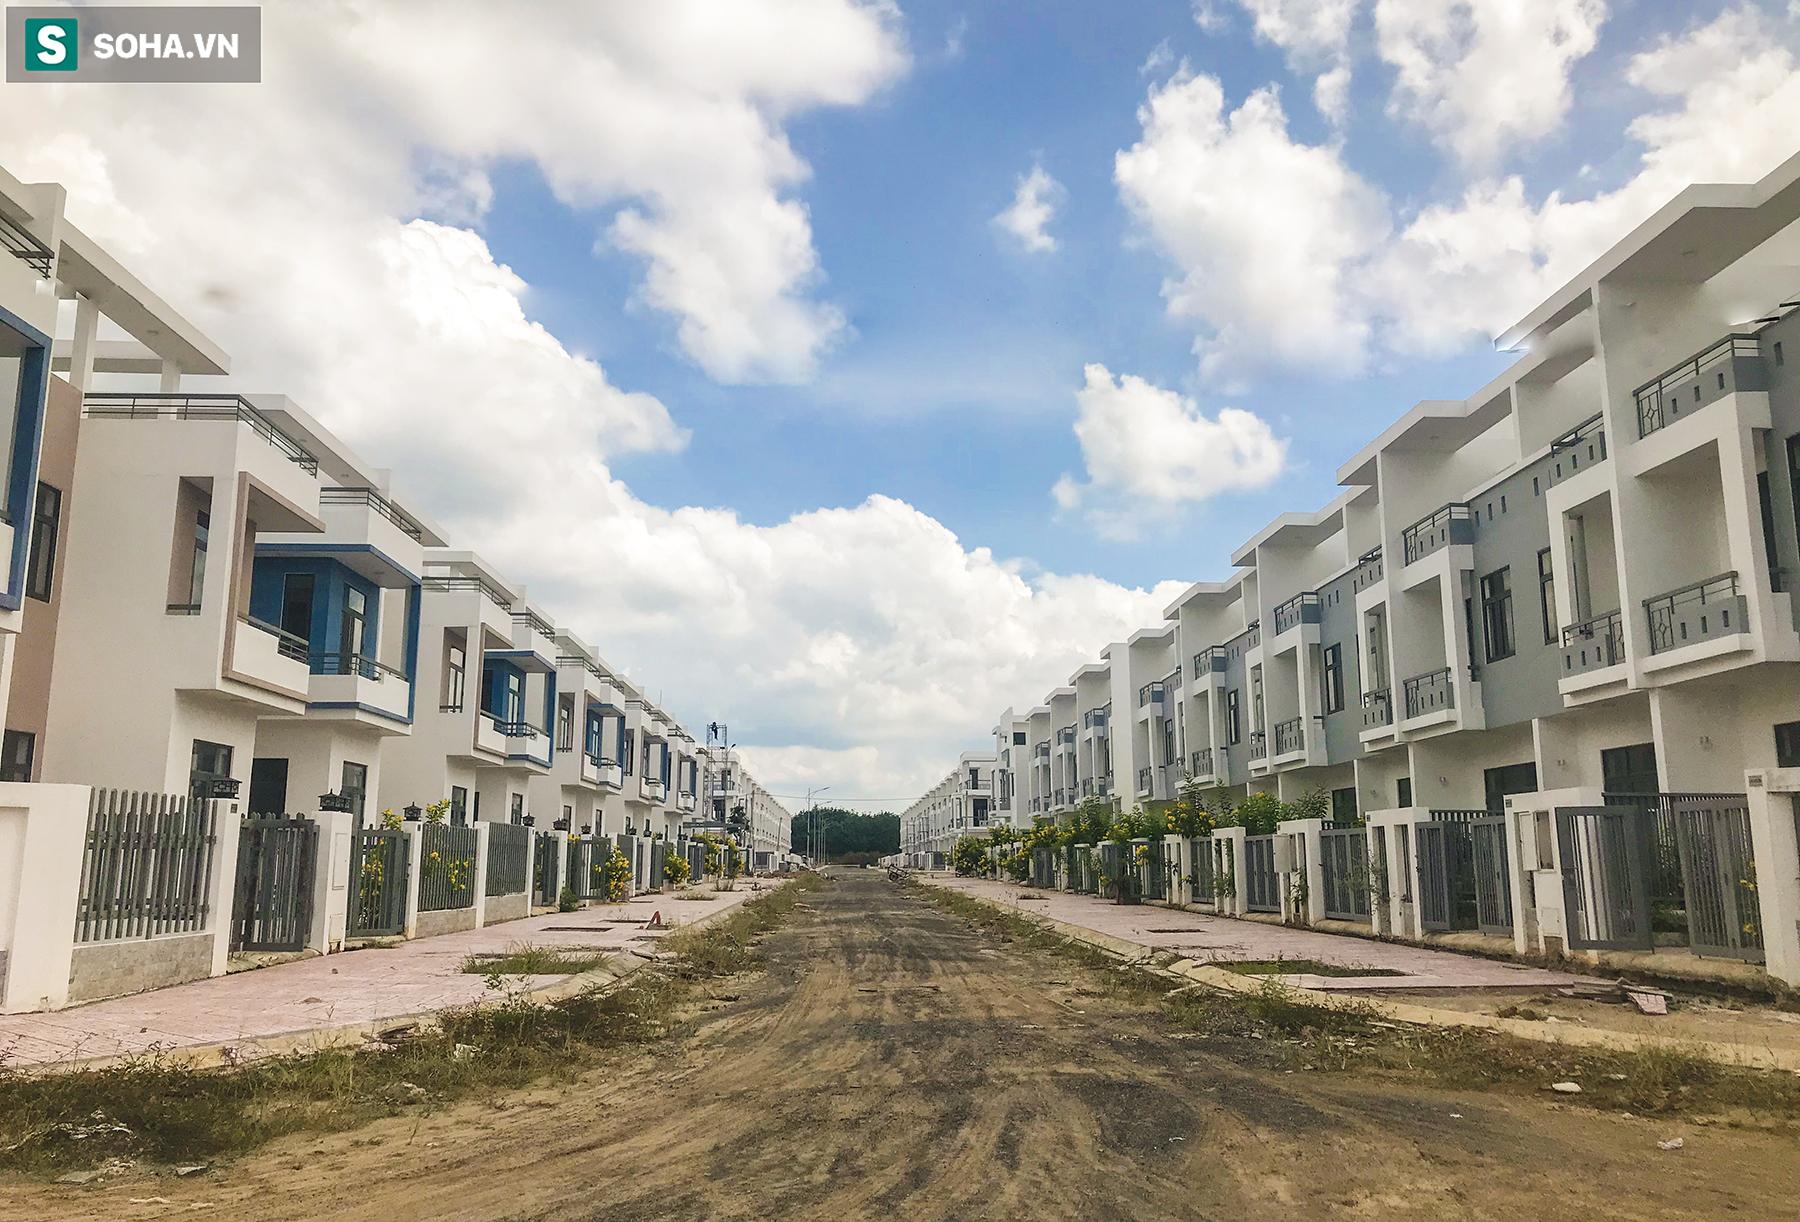 [Ảnh] Cận cảnh dự án với gần 700 căn nhà trái phép, được quảng cáo là đô thị thông minh đầu tiên tại Việt Nam - Ảnh 7.